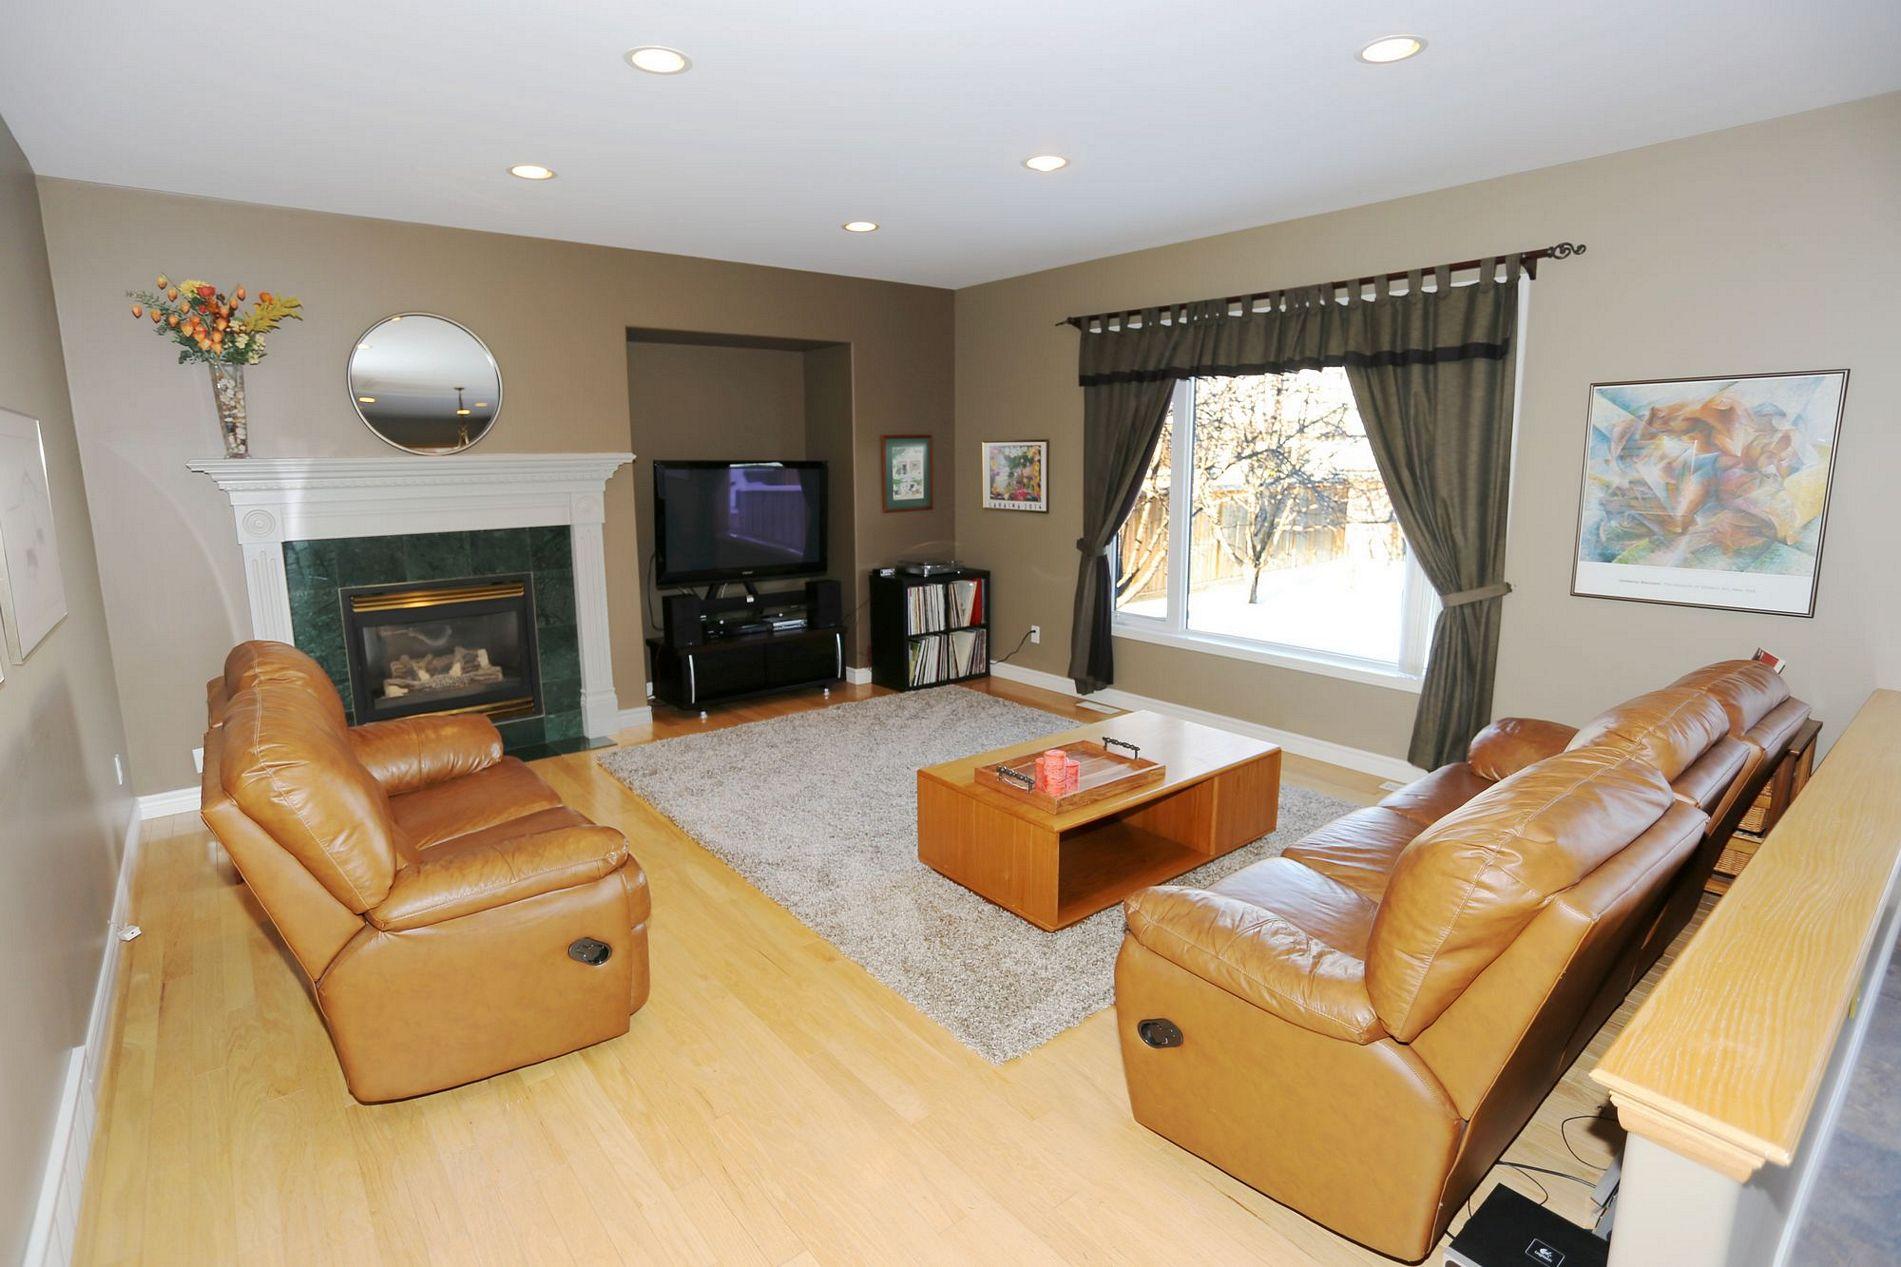 105 Queens Park Crescent, Winnipeg, Manitoba  R3P 1Z8 - Photo 9 - 1803051